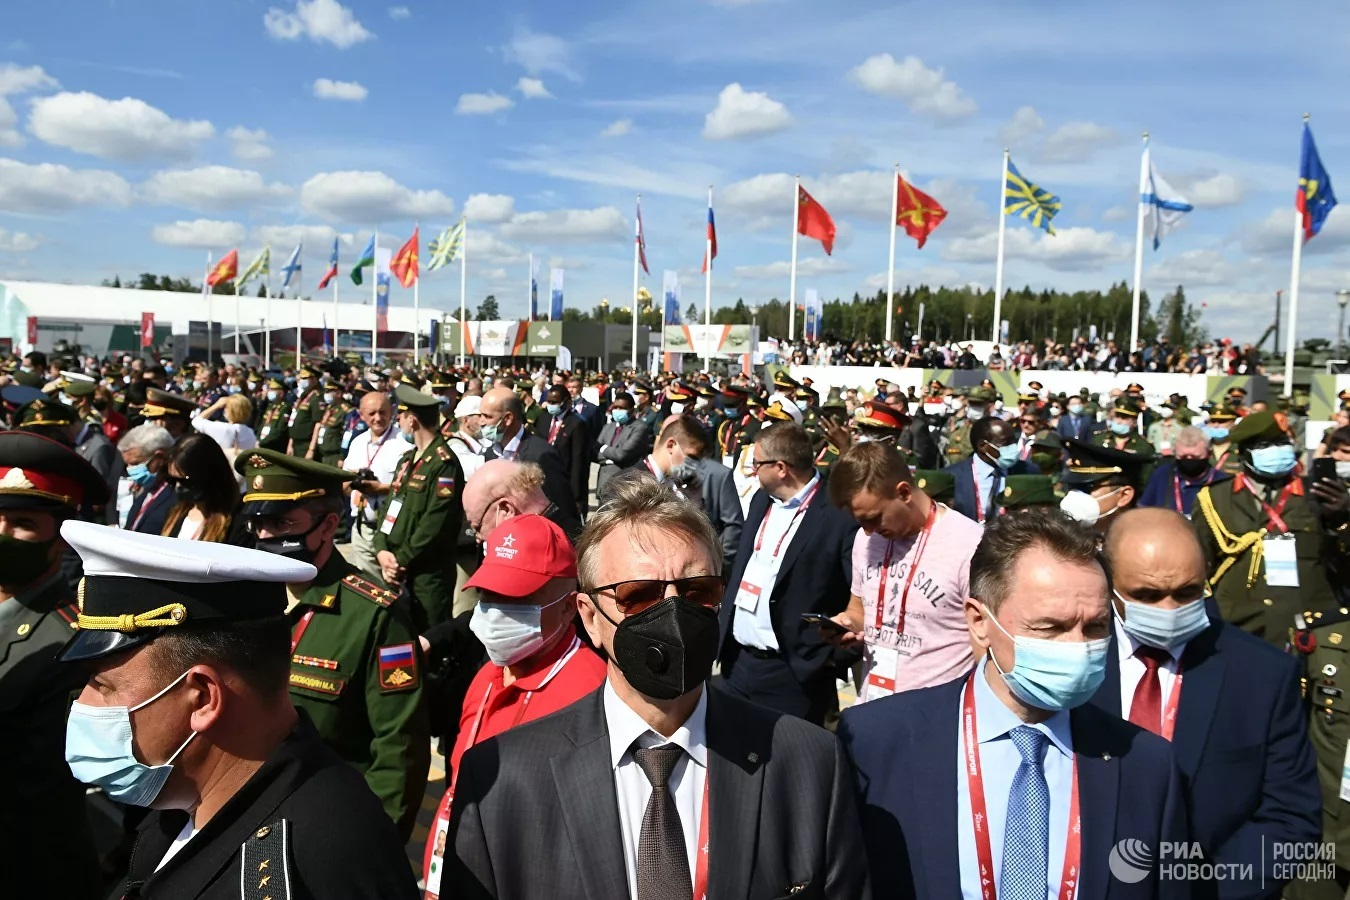 Những hình ảnh mới nhất về Diễn đàn kỹ thuật quân sự quốc tế 2020